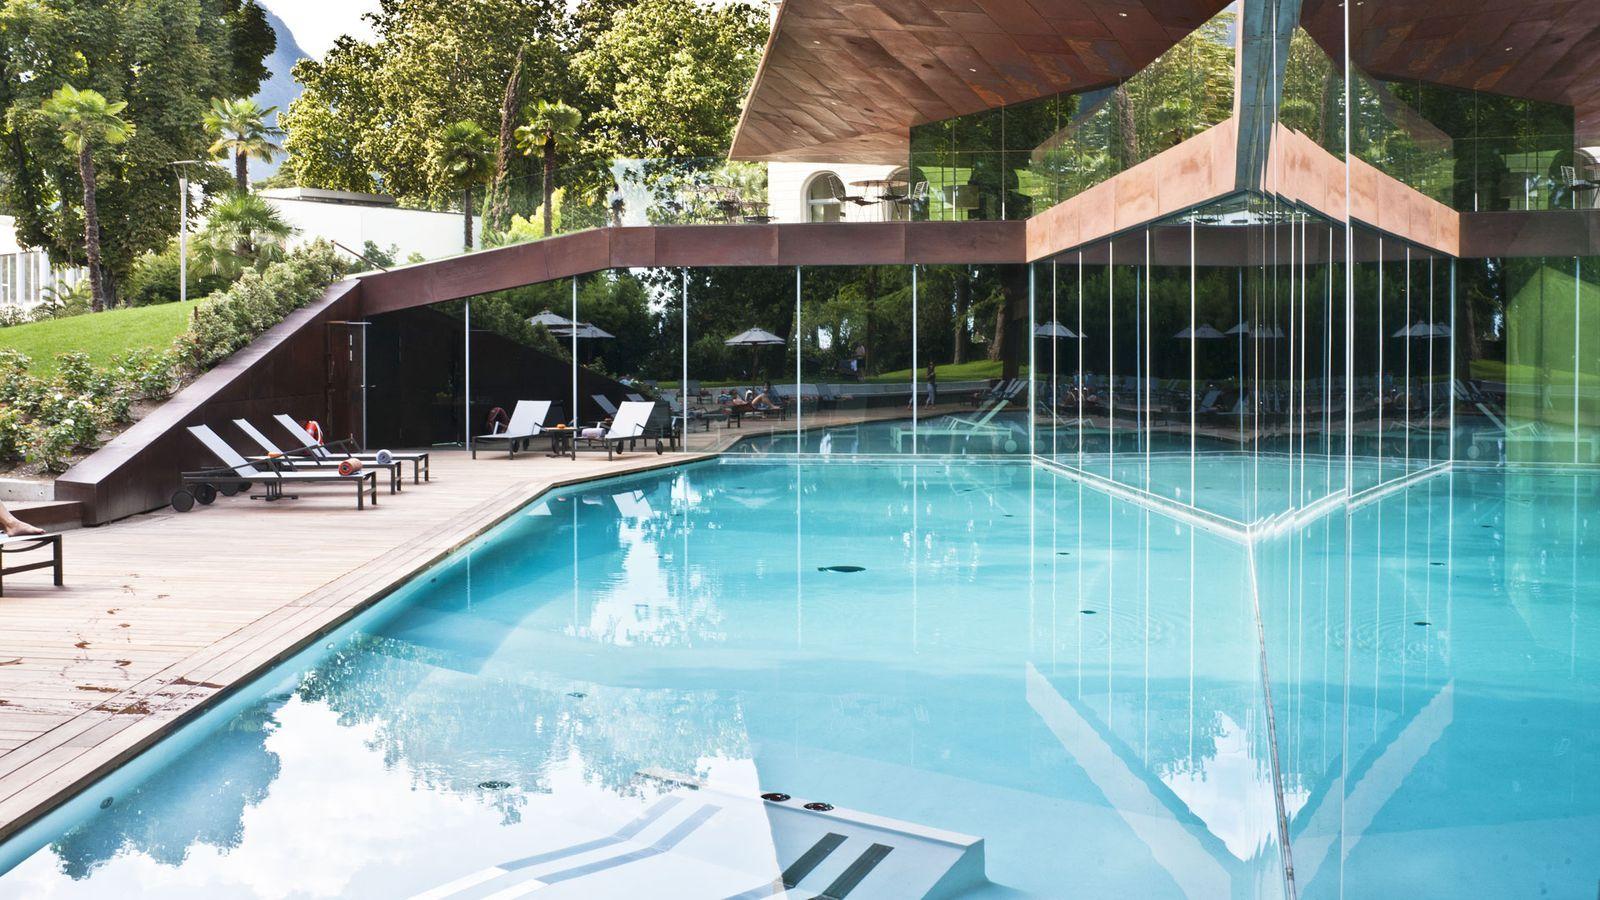 5 Star Luxury Hotel Garda Lake Italy | Hotel, Palace hotel ...